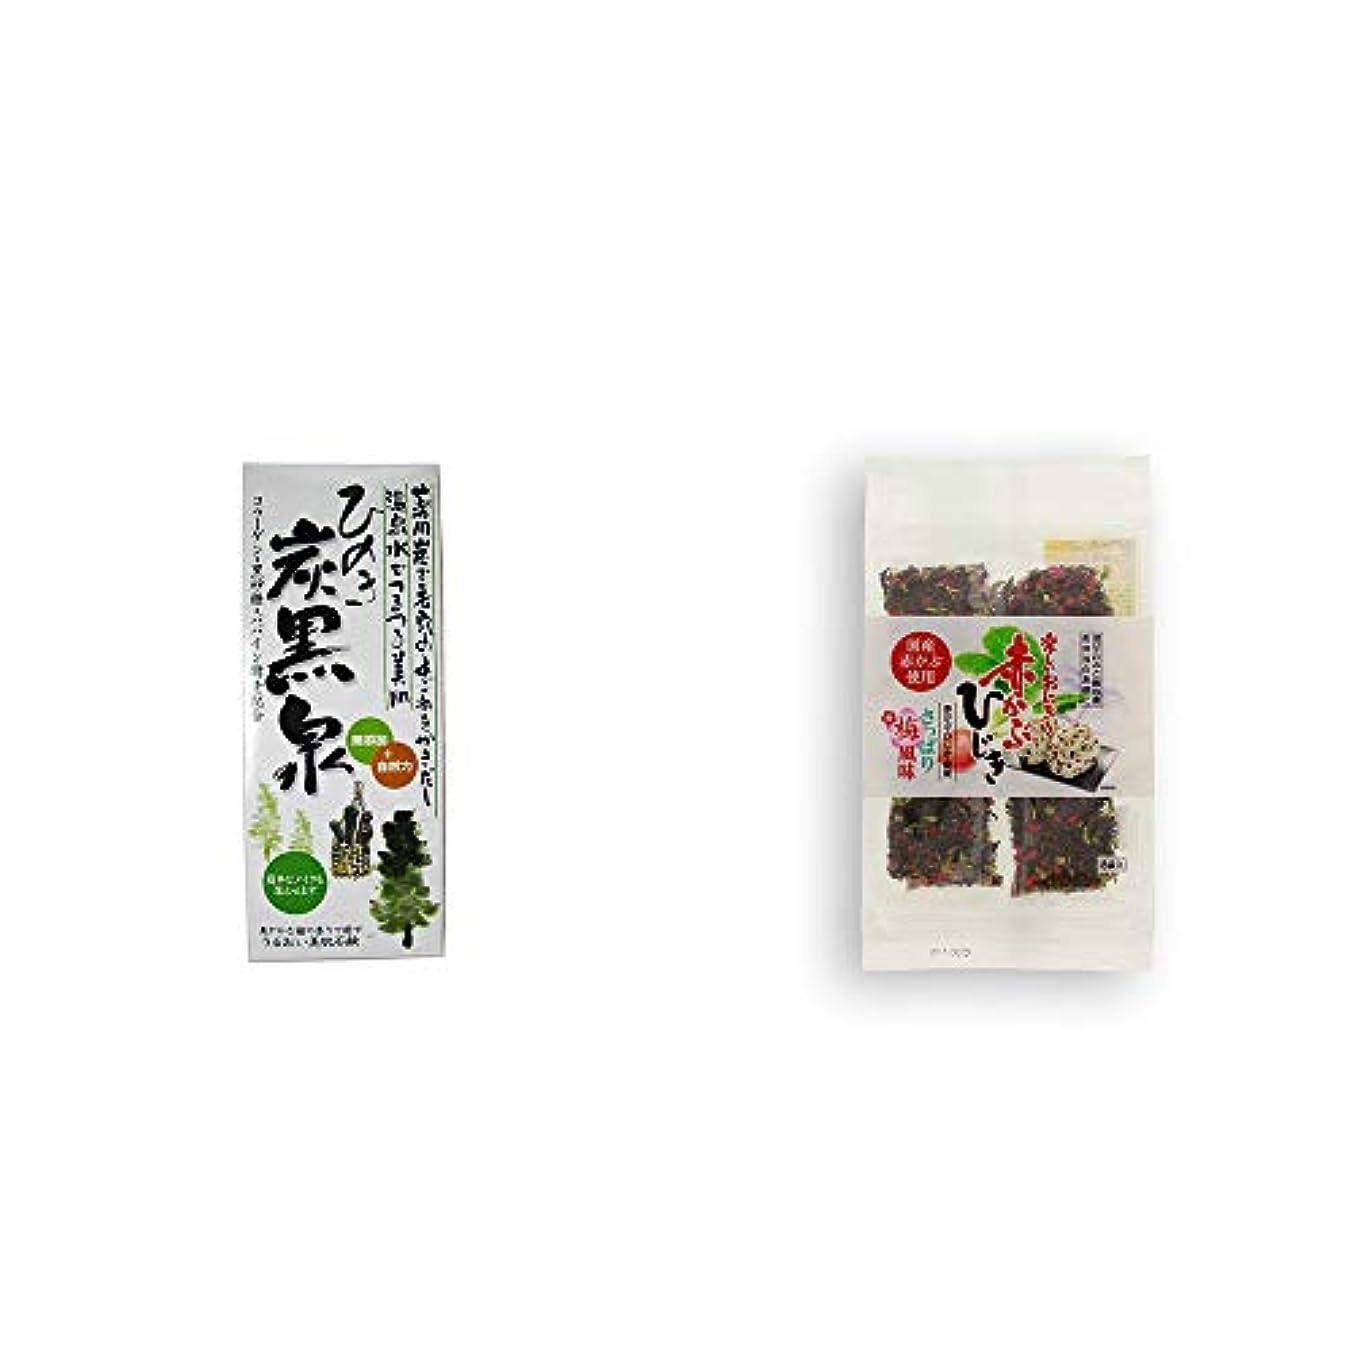 タフ地図魔女[2点セット] ひのき炭黒泉 箱入り(75g×3)?楽しいおにぎり 赤かぶひじき(8g×8袋)